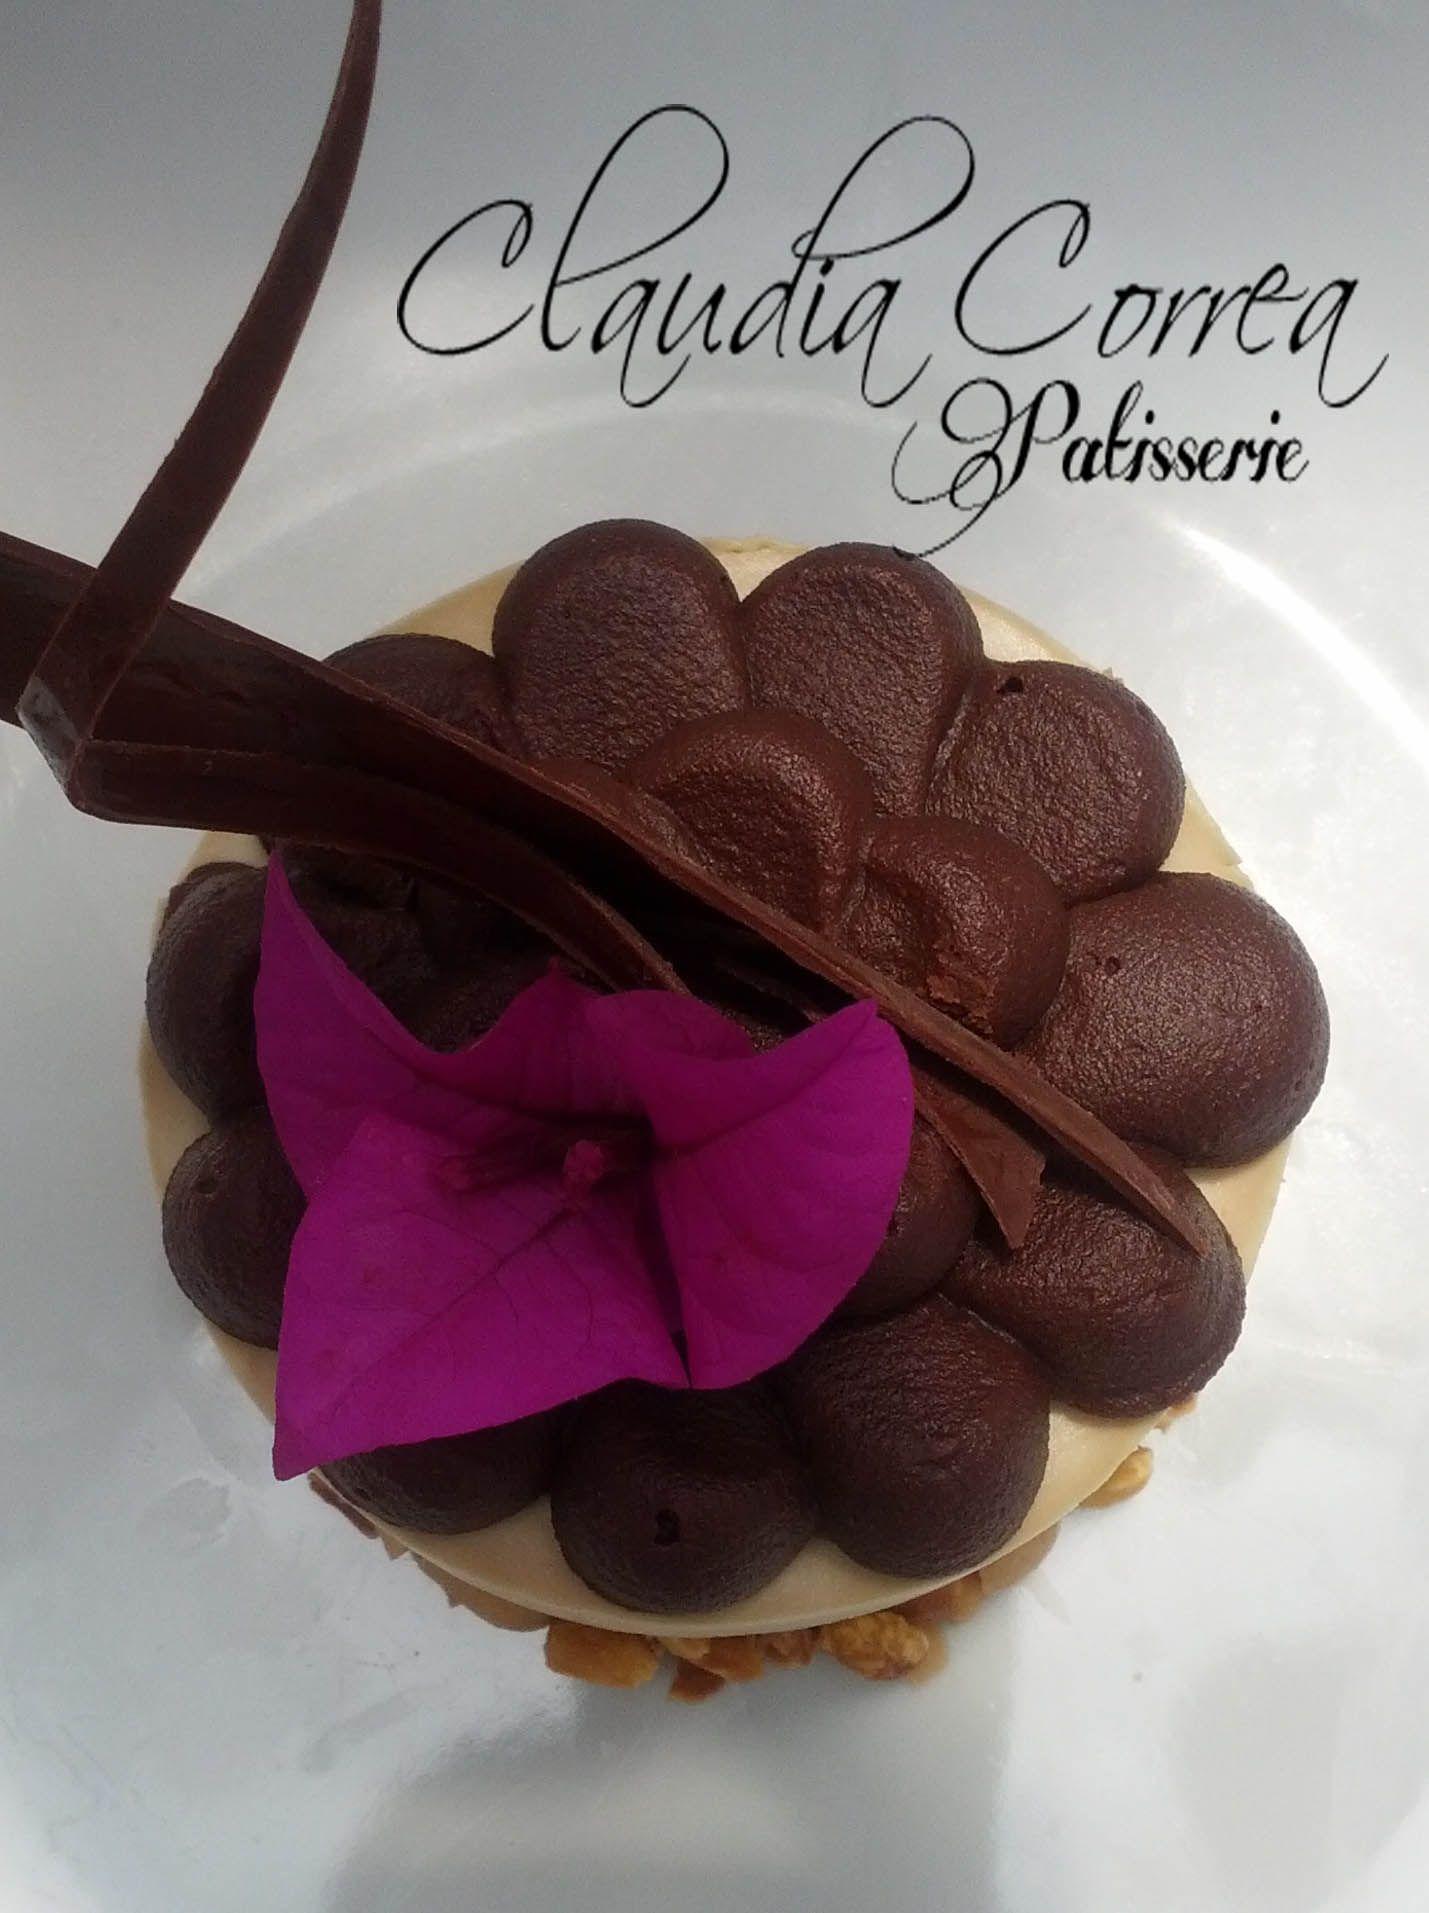 ¡¡¡ DELICIOSO MOUSSE DE CAFÉ CON CROCANTE DE MANÍ Y RELLENO DE CAKE DE VAINILLA Y AREQUIPE !!!